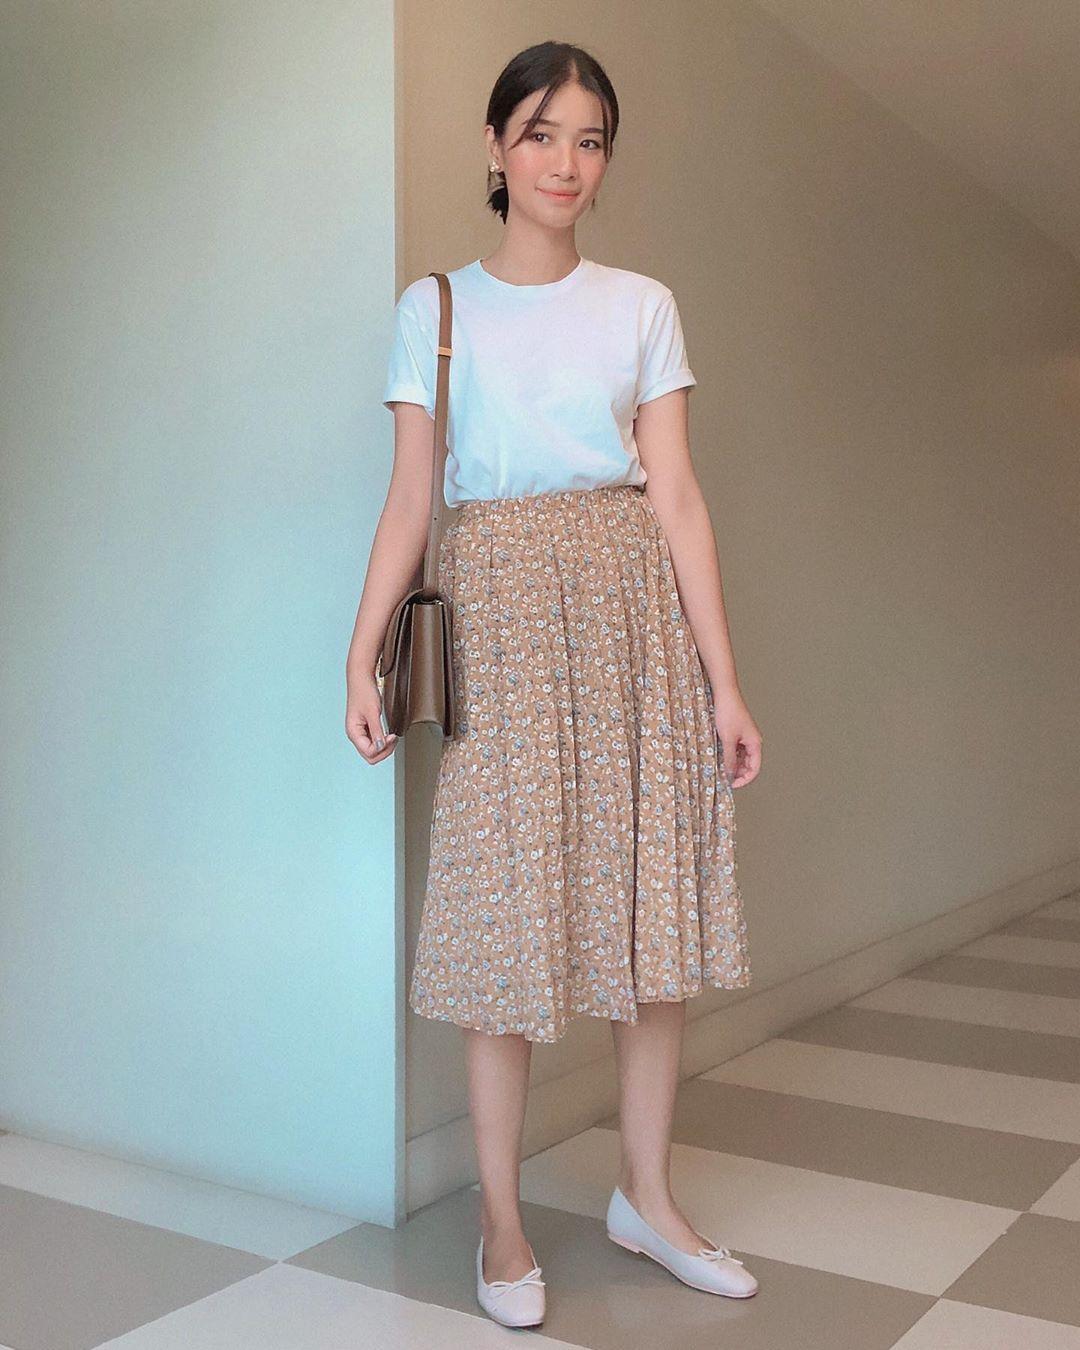 chân váy xòe dài họa tiết hoa nhí áo thun trắng